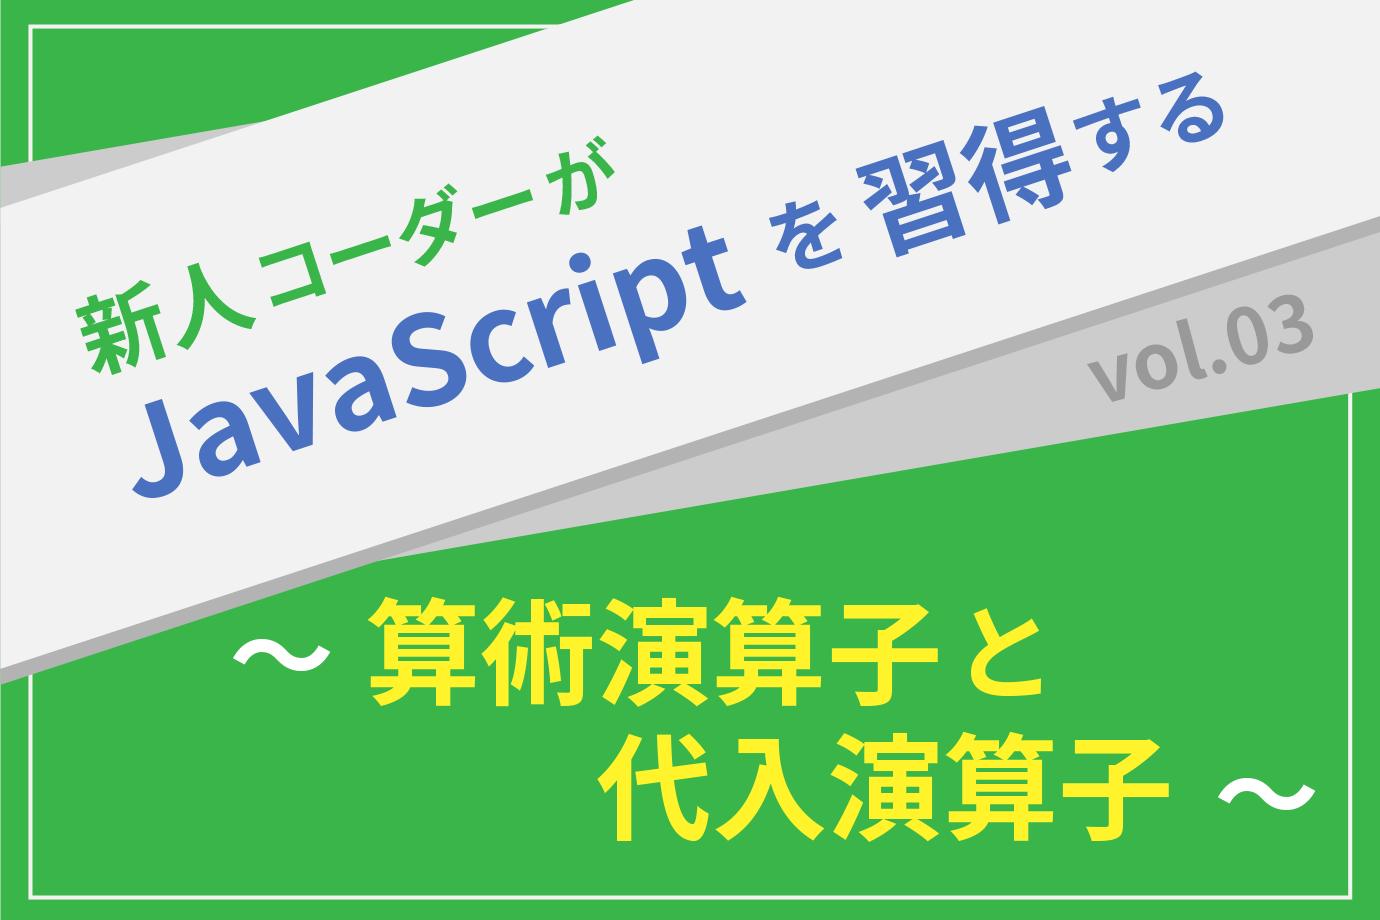 【新人コーダーがJavaScriptを習得する】vol.03 〜算術演算子と代入演算子〜